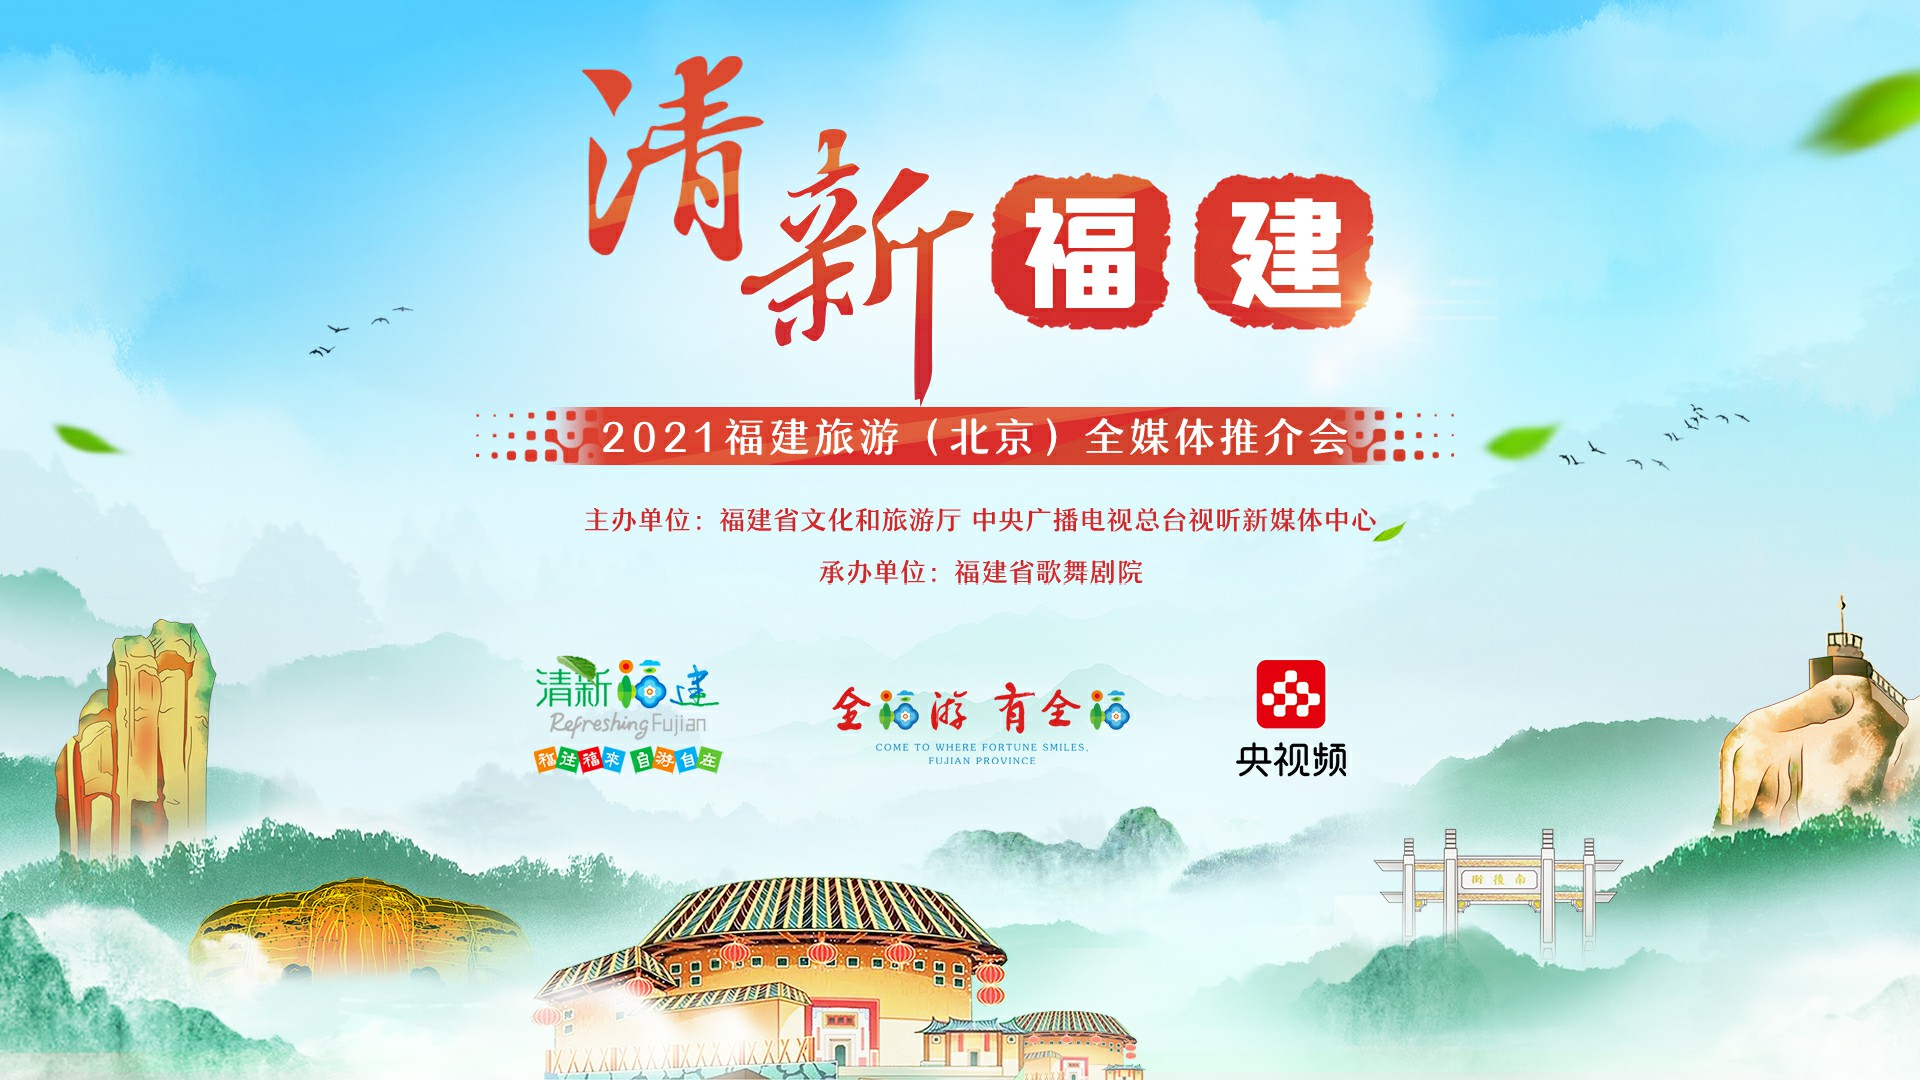 2021福建旅游(北京)全媒体推介会 多维度呈现文旅品牌特色